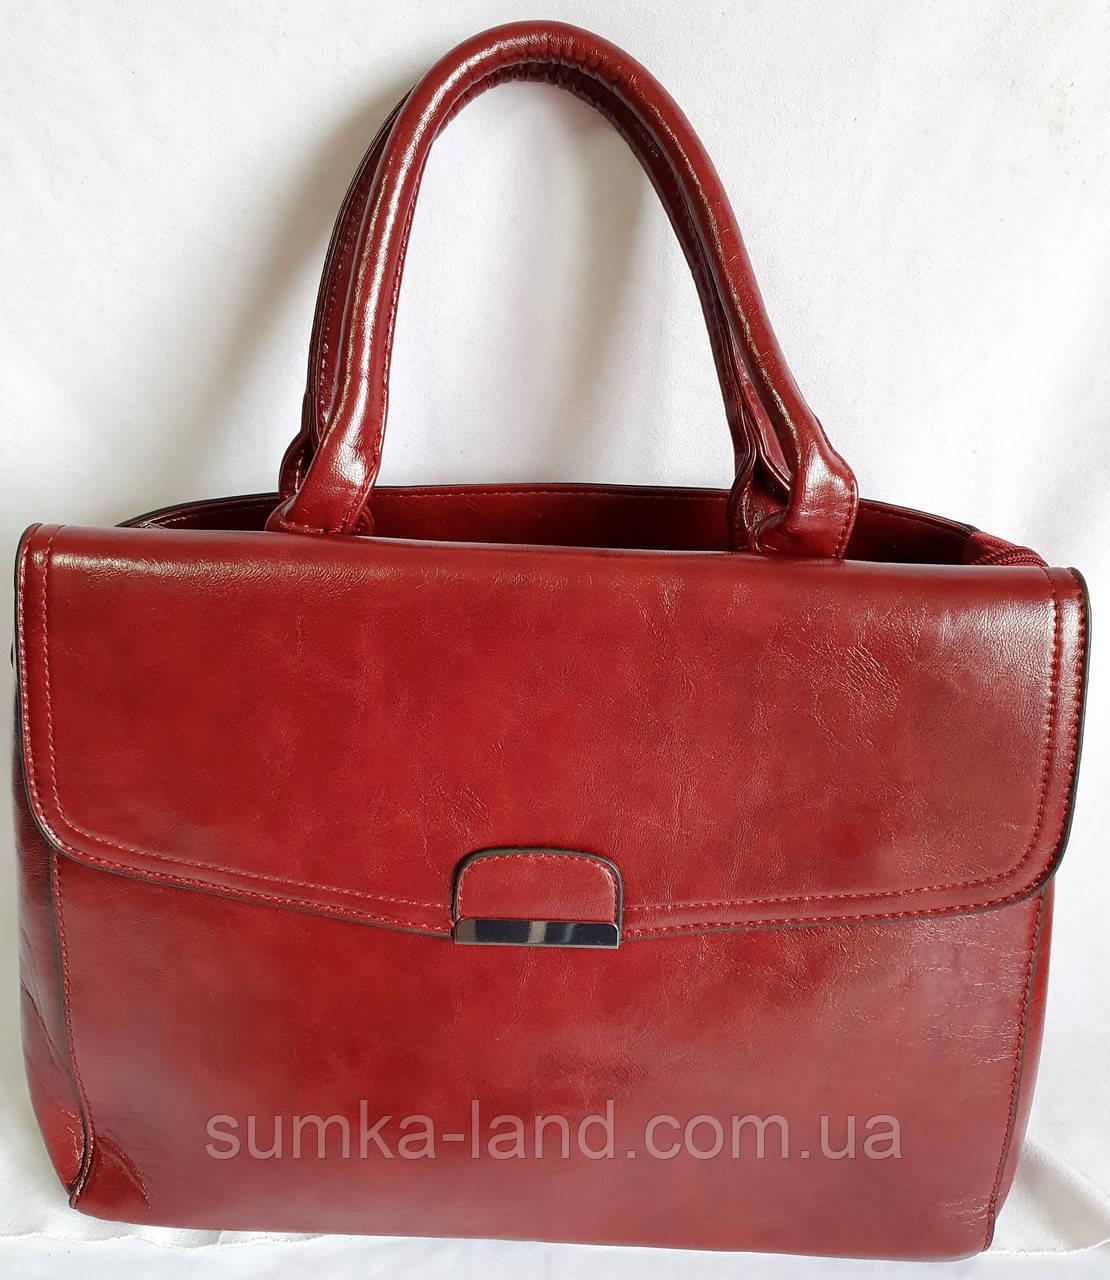 Женская бордовая сумка-портфель с длинным ремешком и ручкой 31*25 см